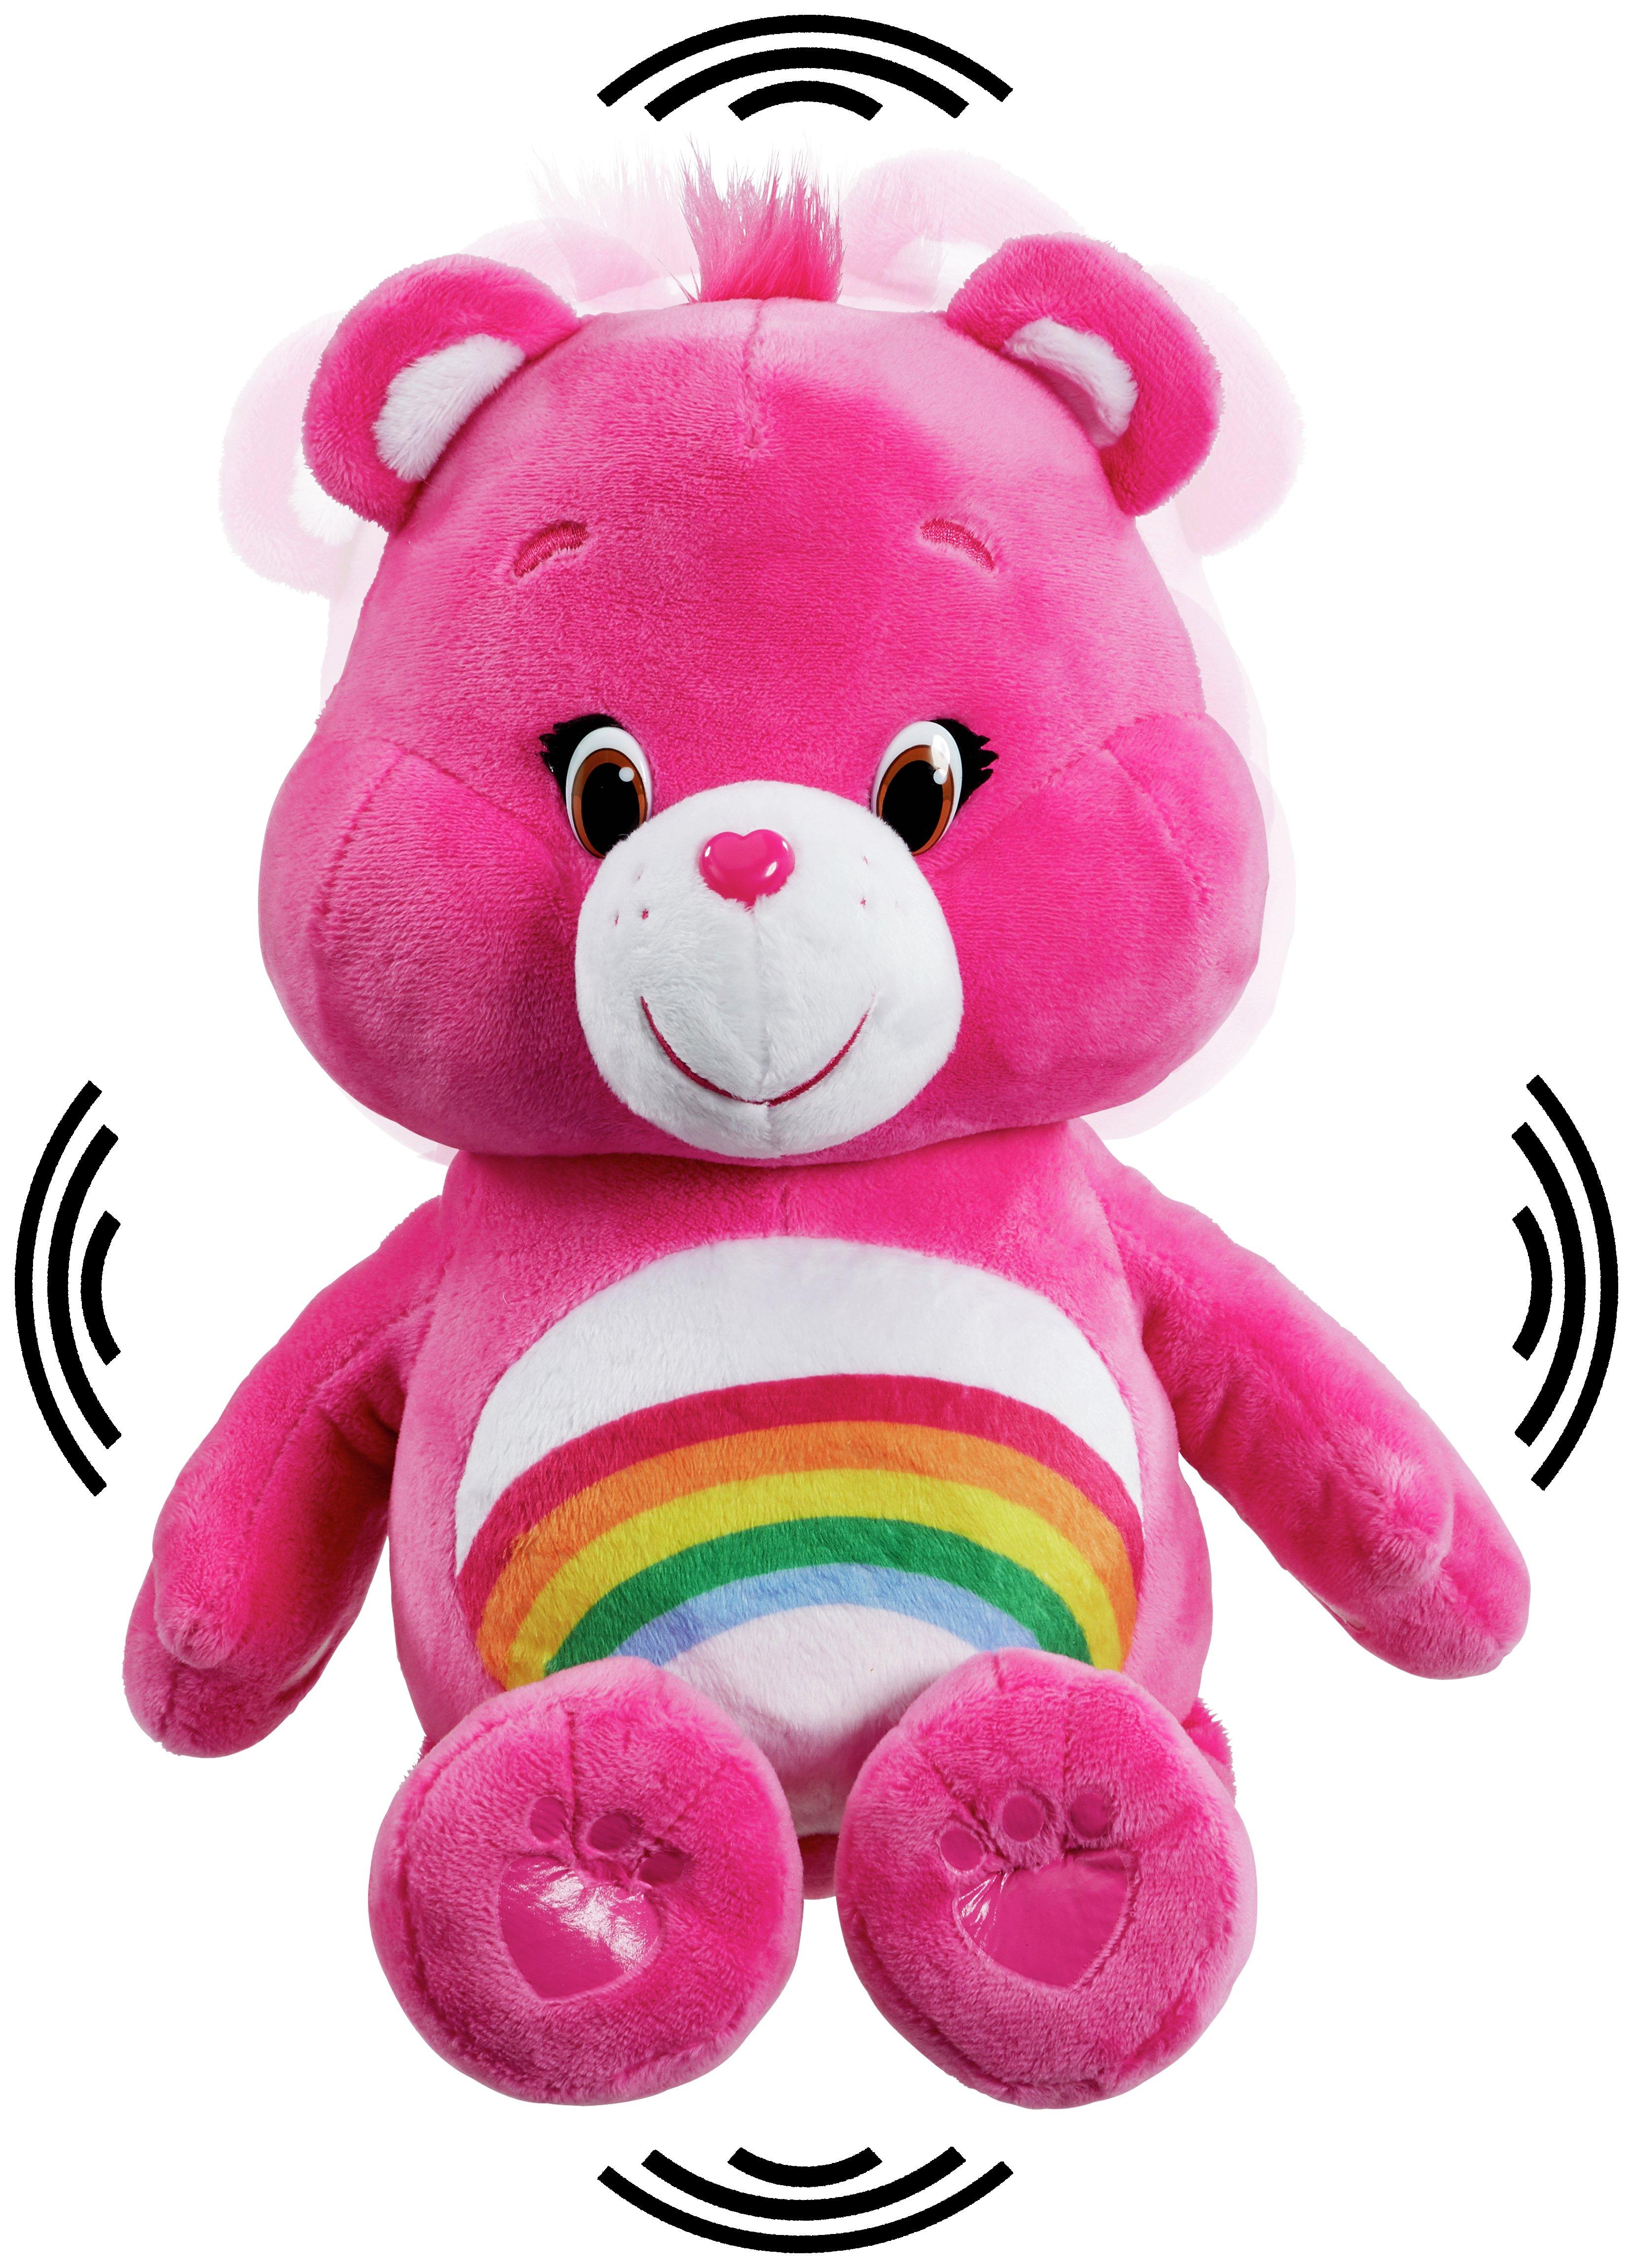 Image of Care Bears Hug and Giggle Assortment